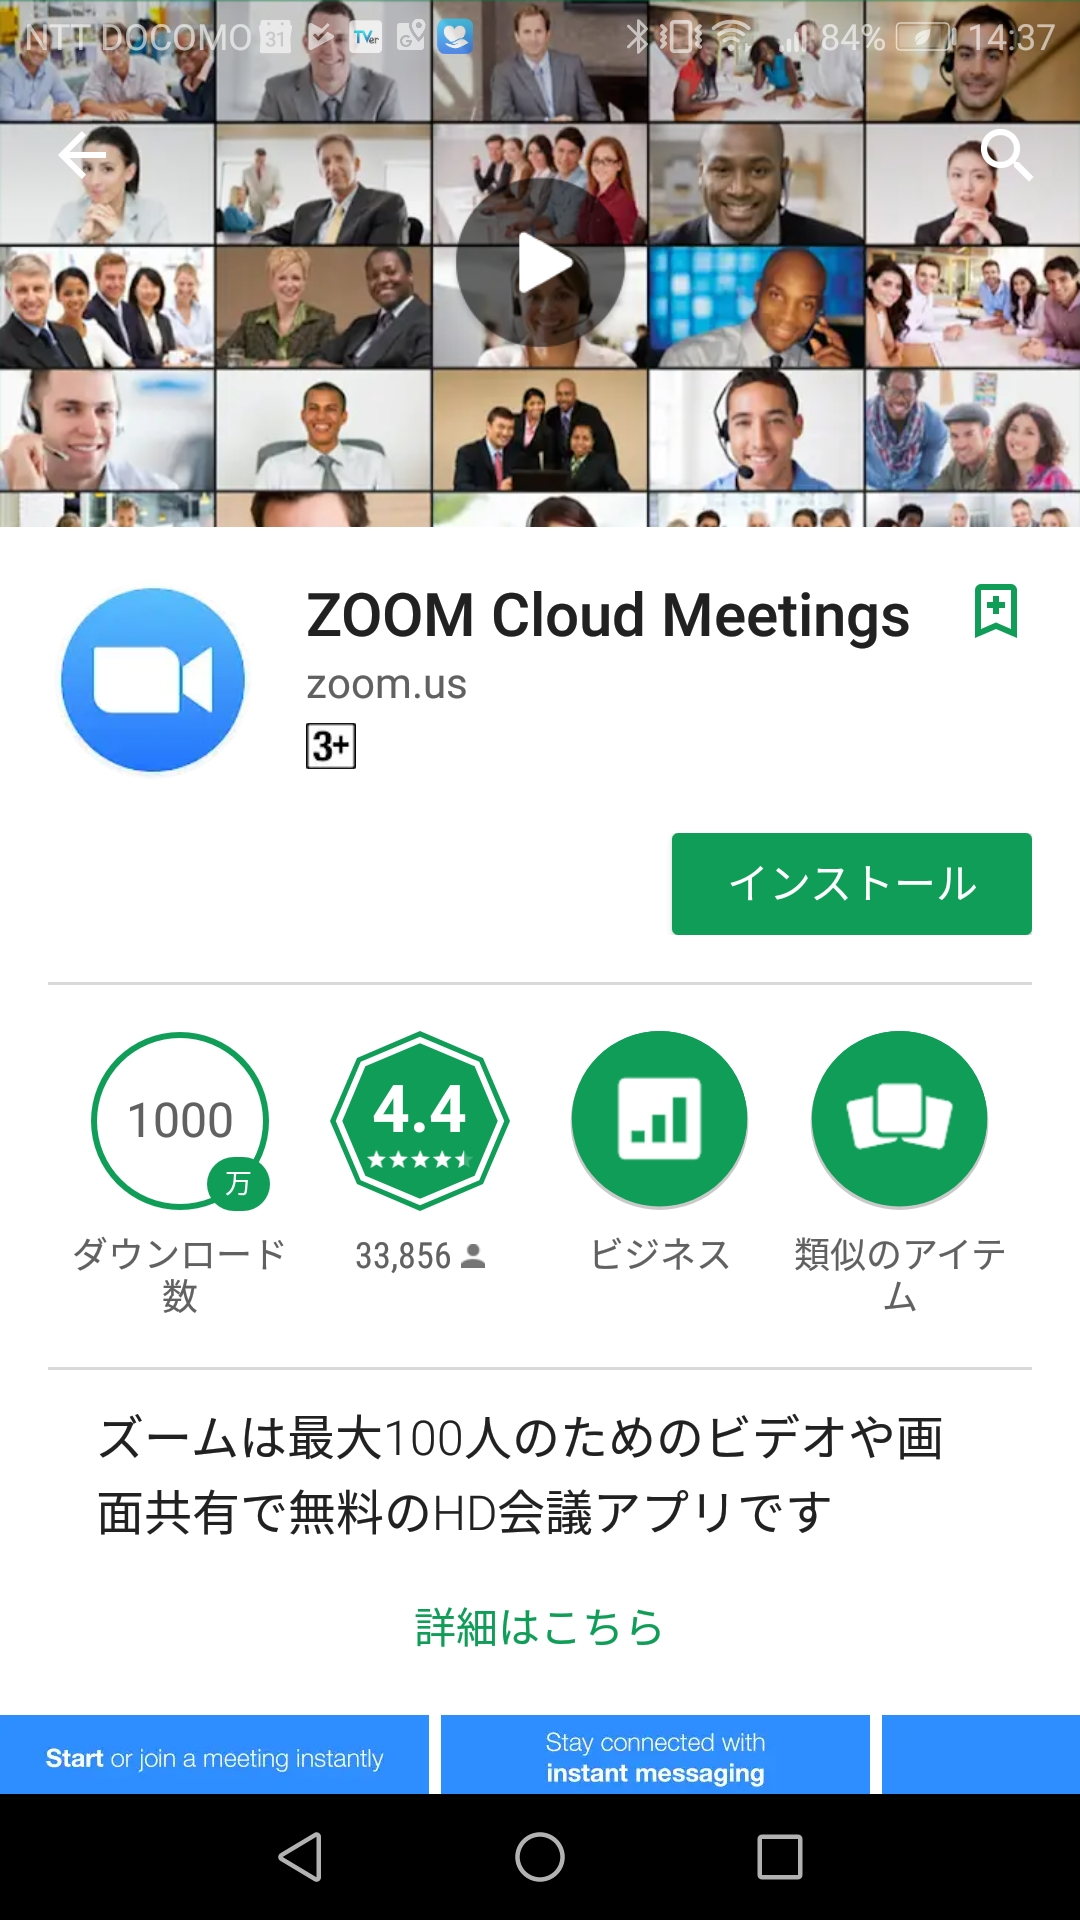 zoom アプリ ダウンロード スマホ